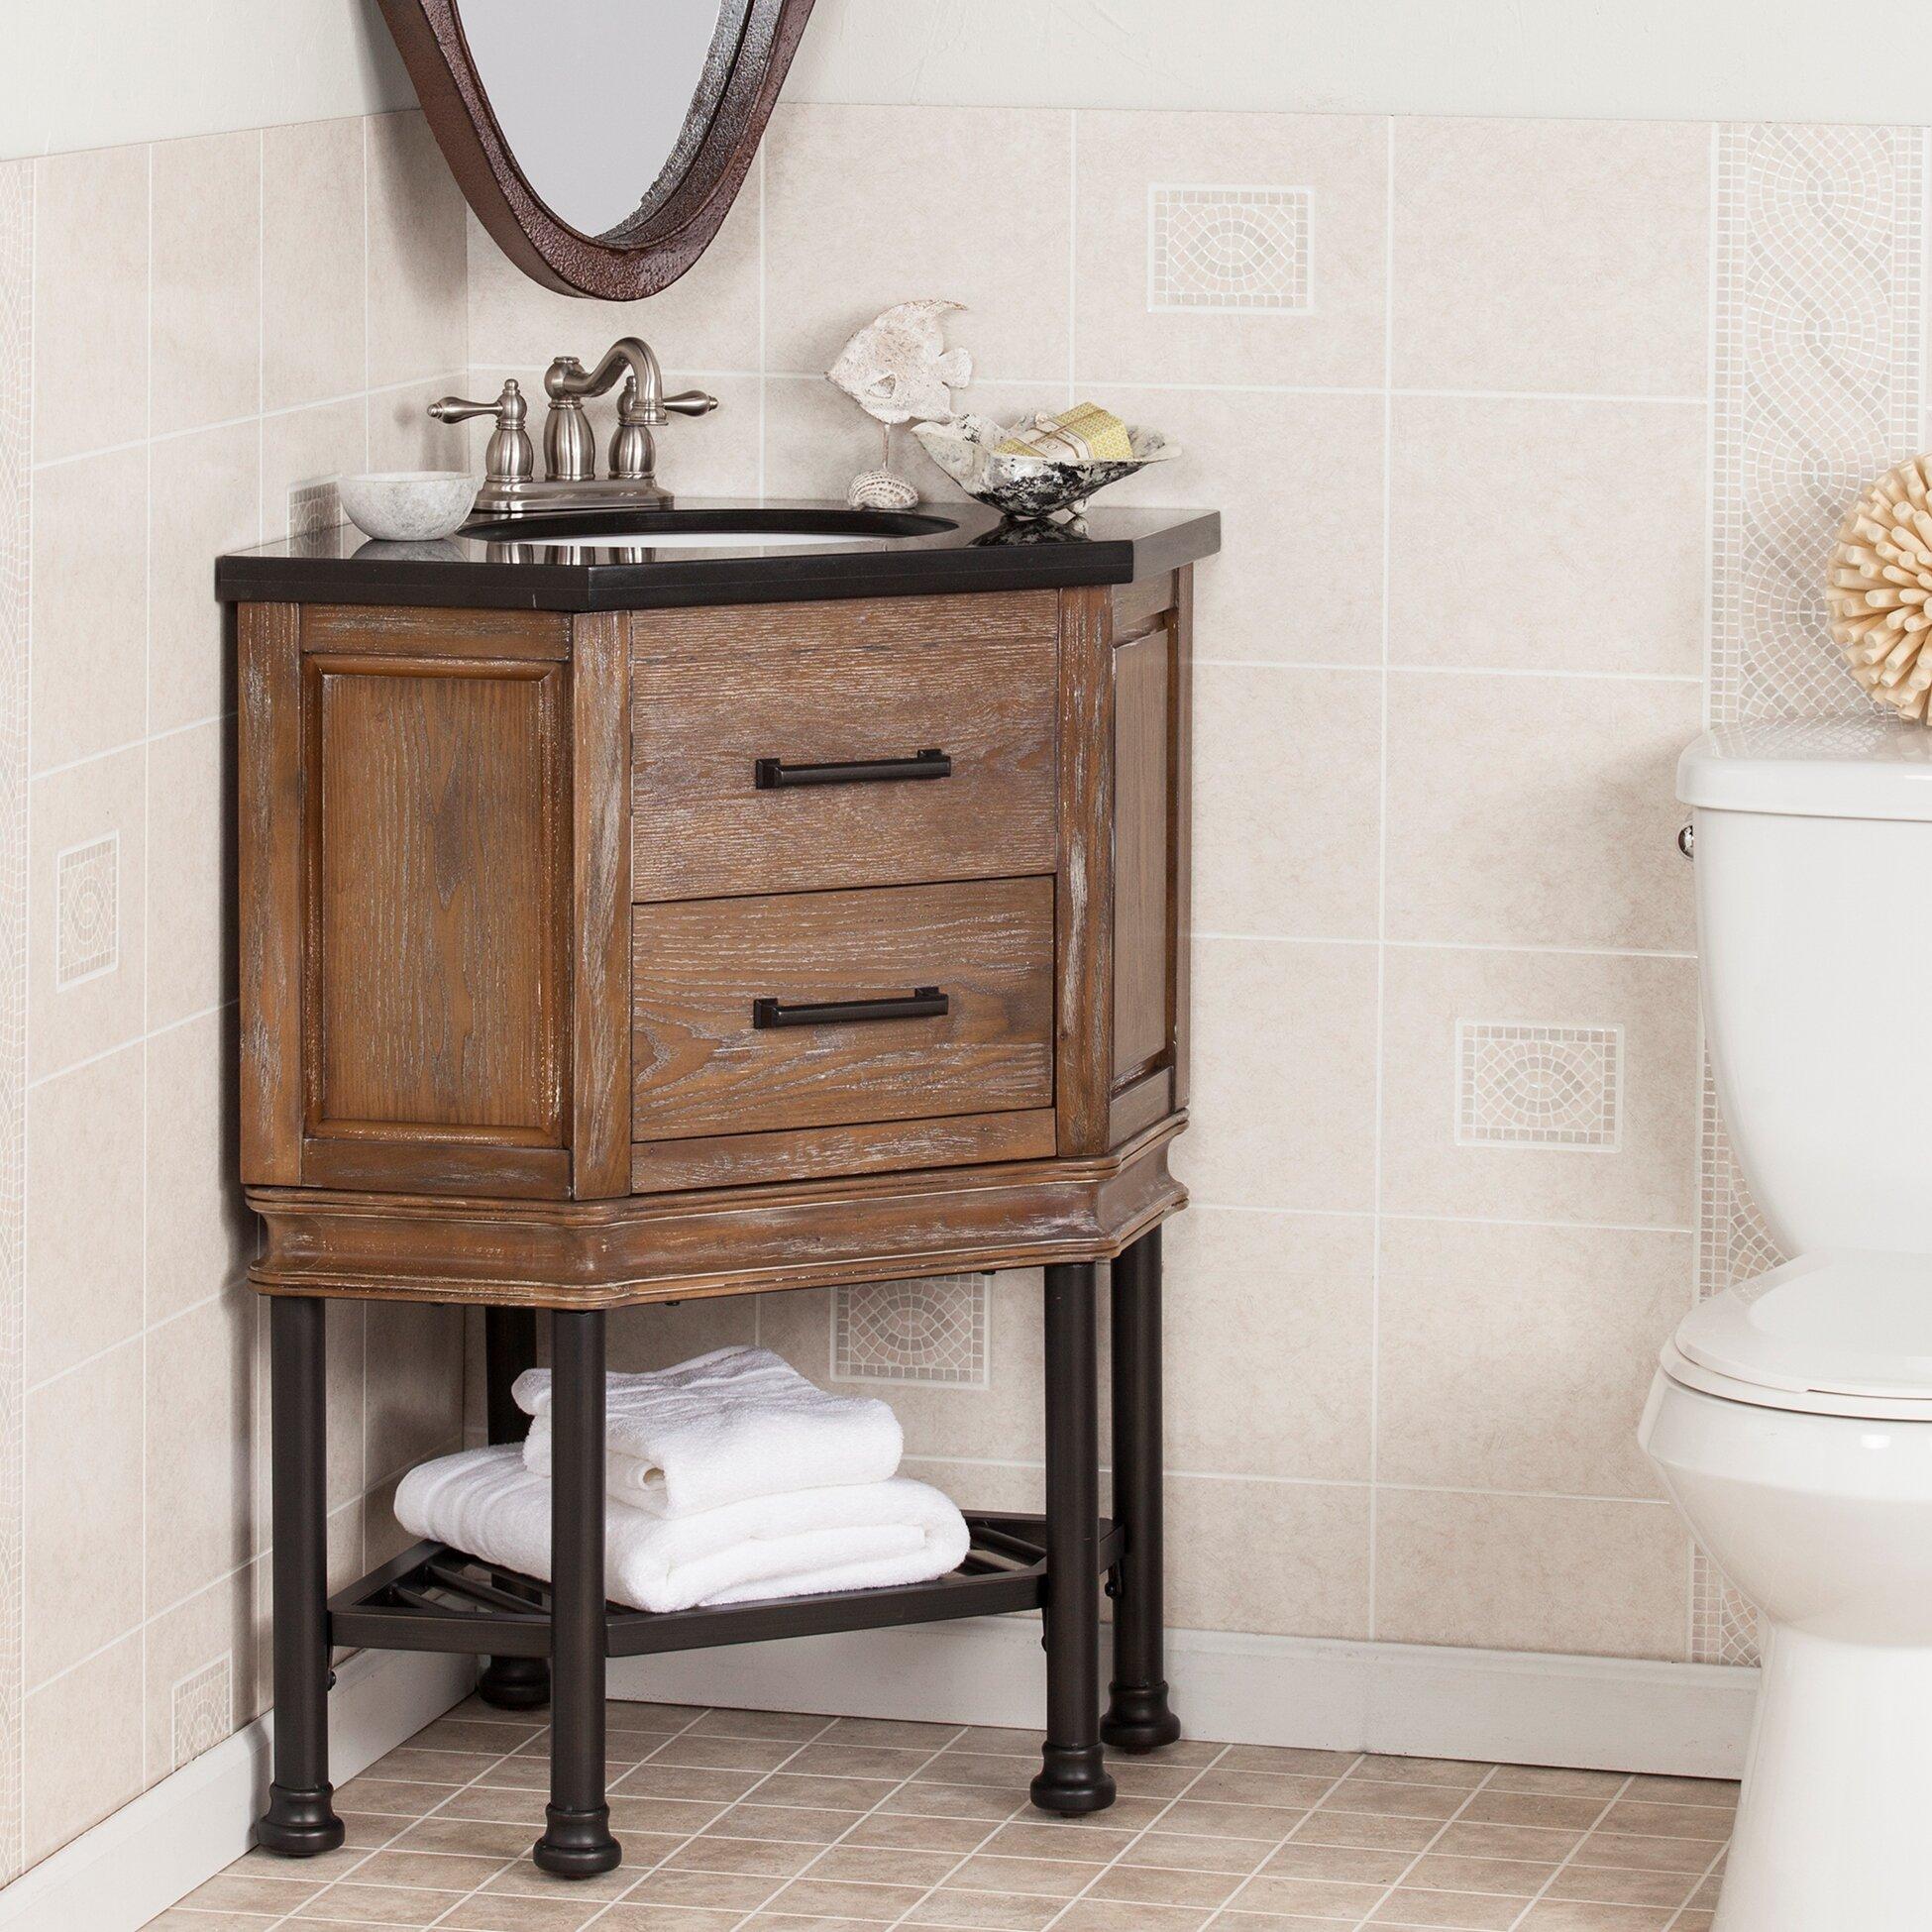 Corner Bathroom Vanity With Sink. Laurel Foundry Modern Farmhouse Valensole 32  Single Corner Bath Vanity Sink with Granite Top Reviews Wayfair